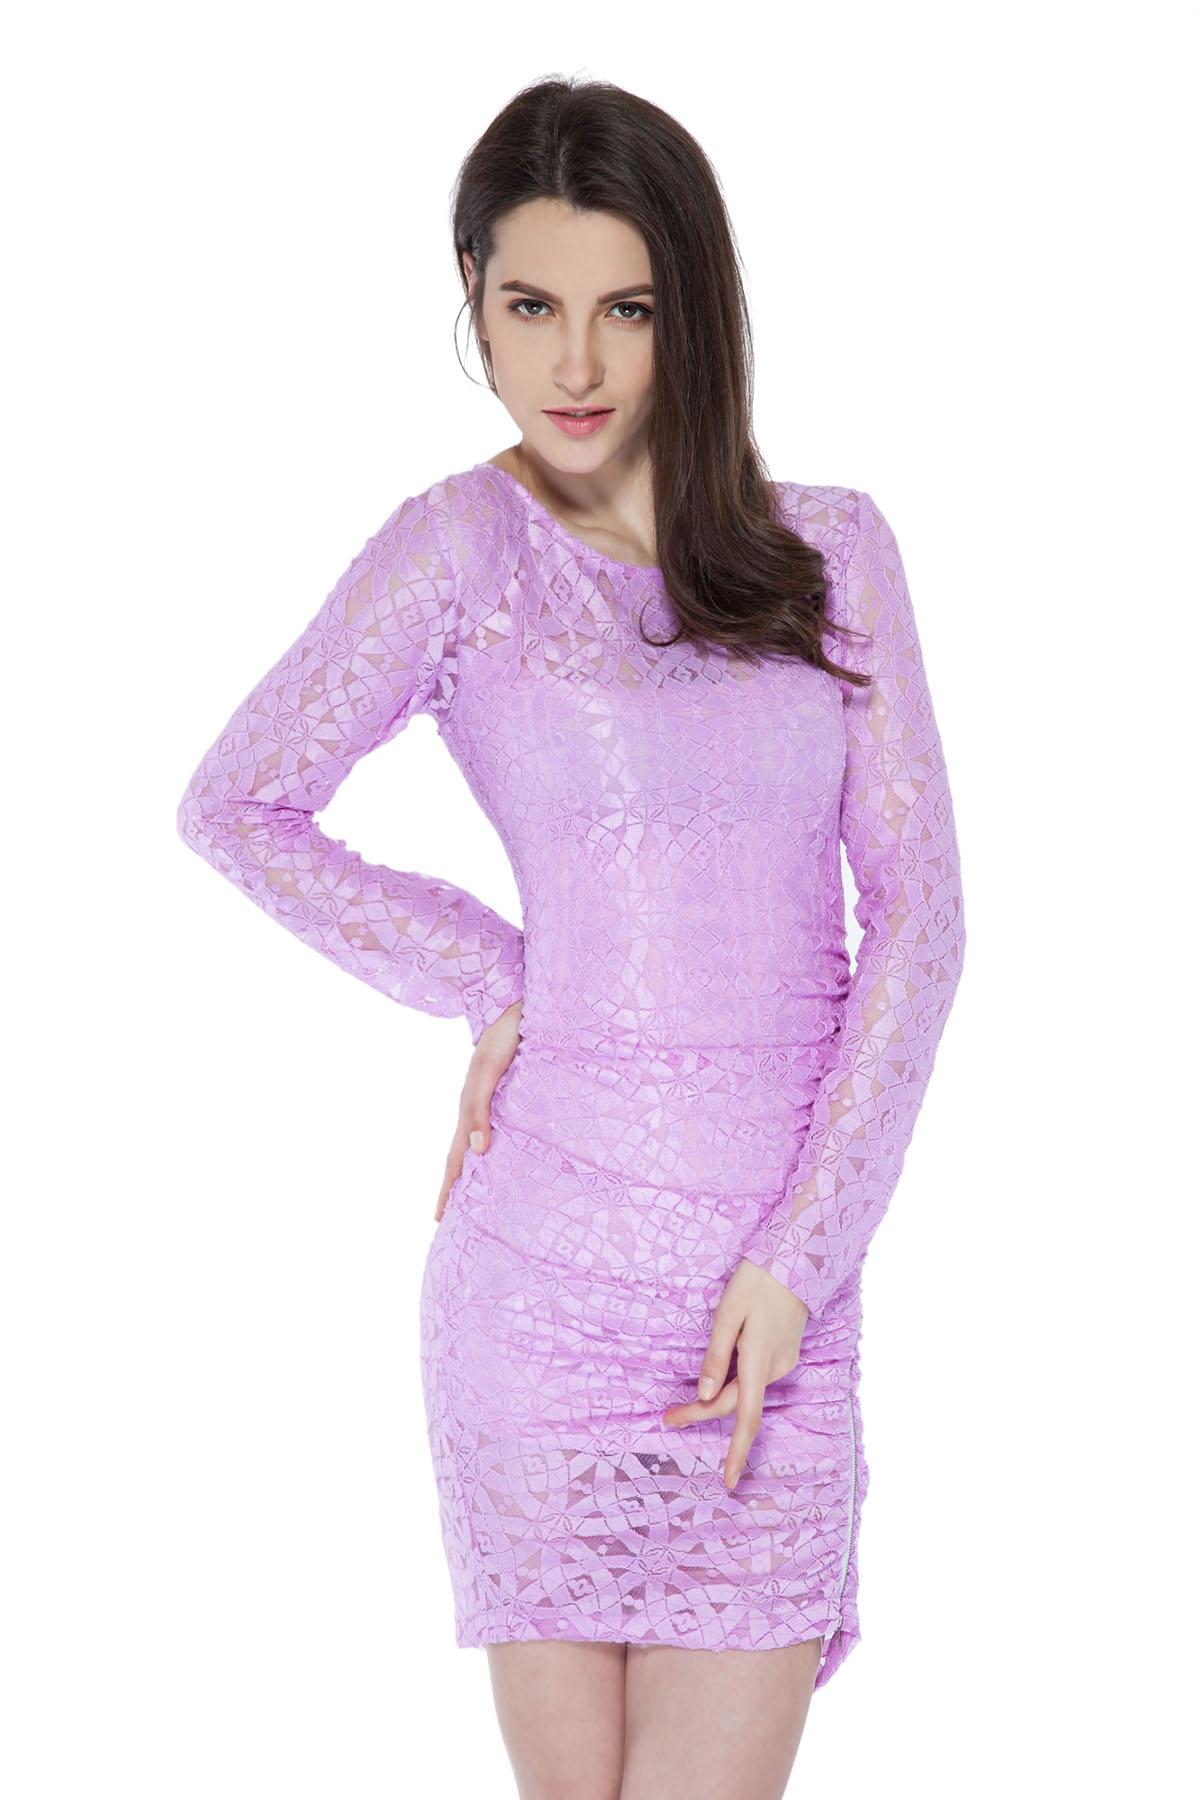 Scoop Collar Long Sleeve Solid Color Zipper Design Dress